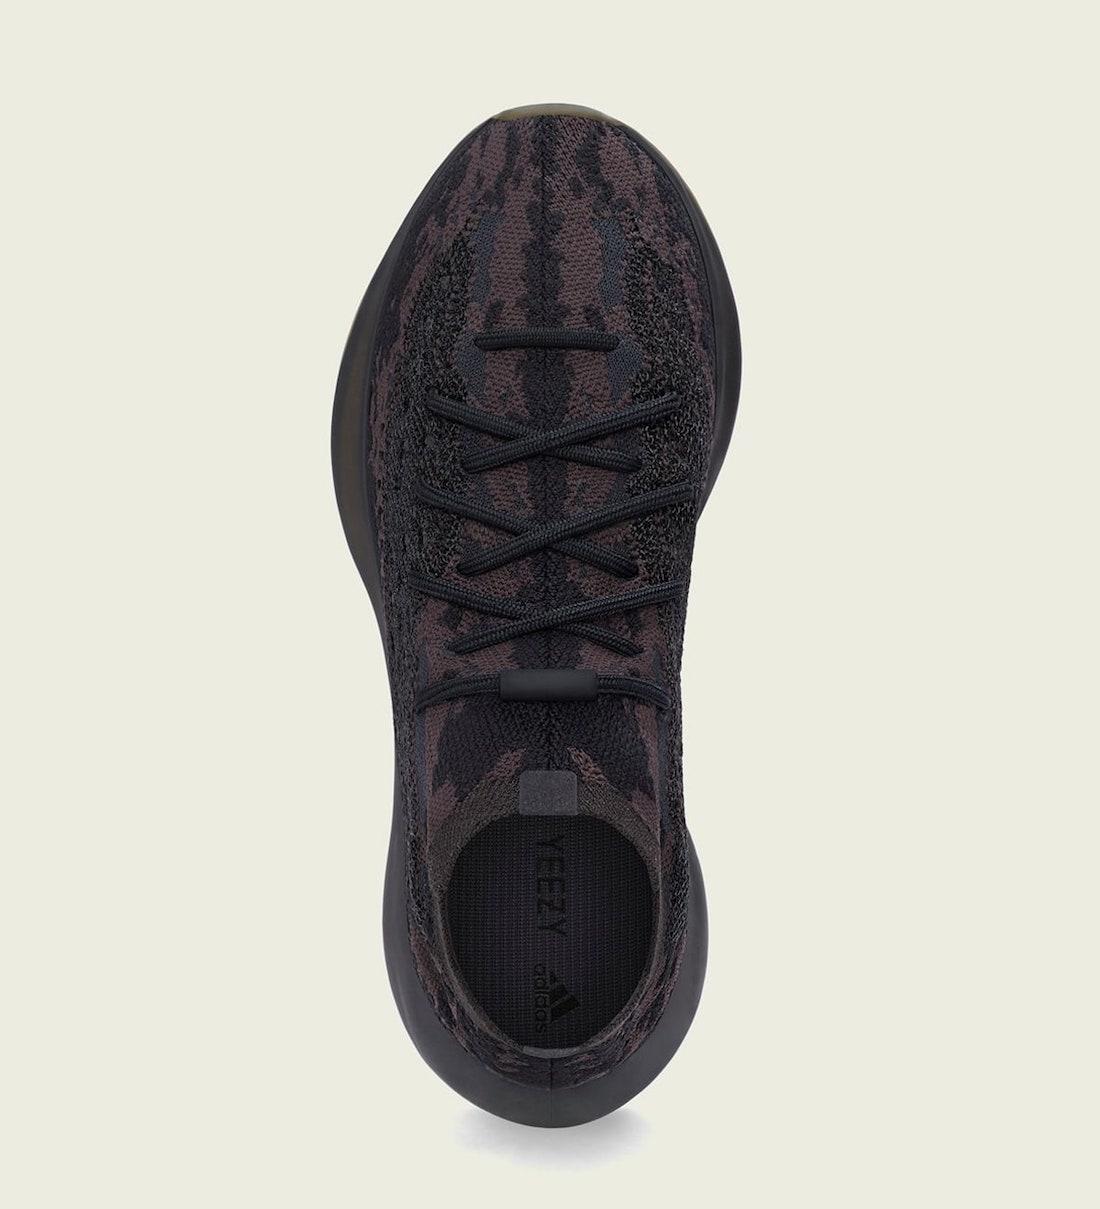 adidas-Yeezy-Boost-380-Onyx-FZ1270-Release-Date-3